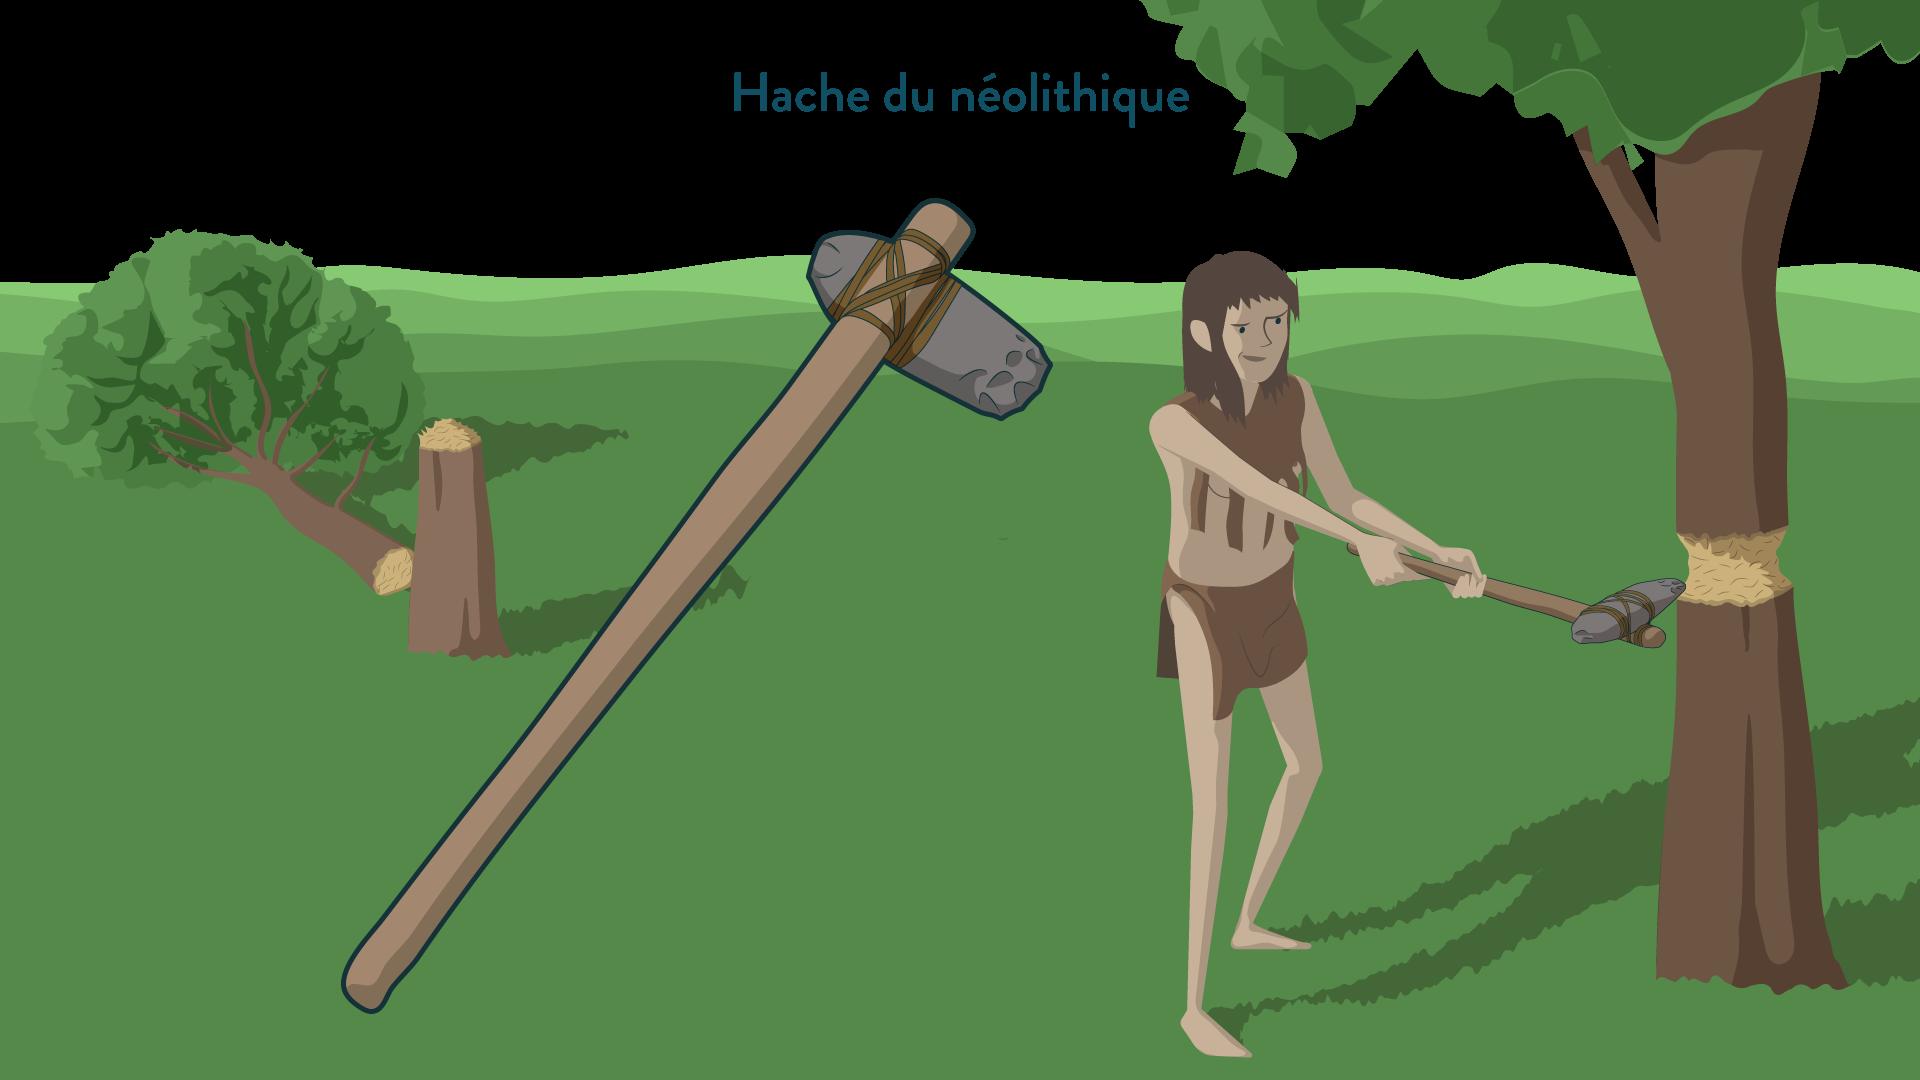 Hache du néolithique-6e-Histoire